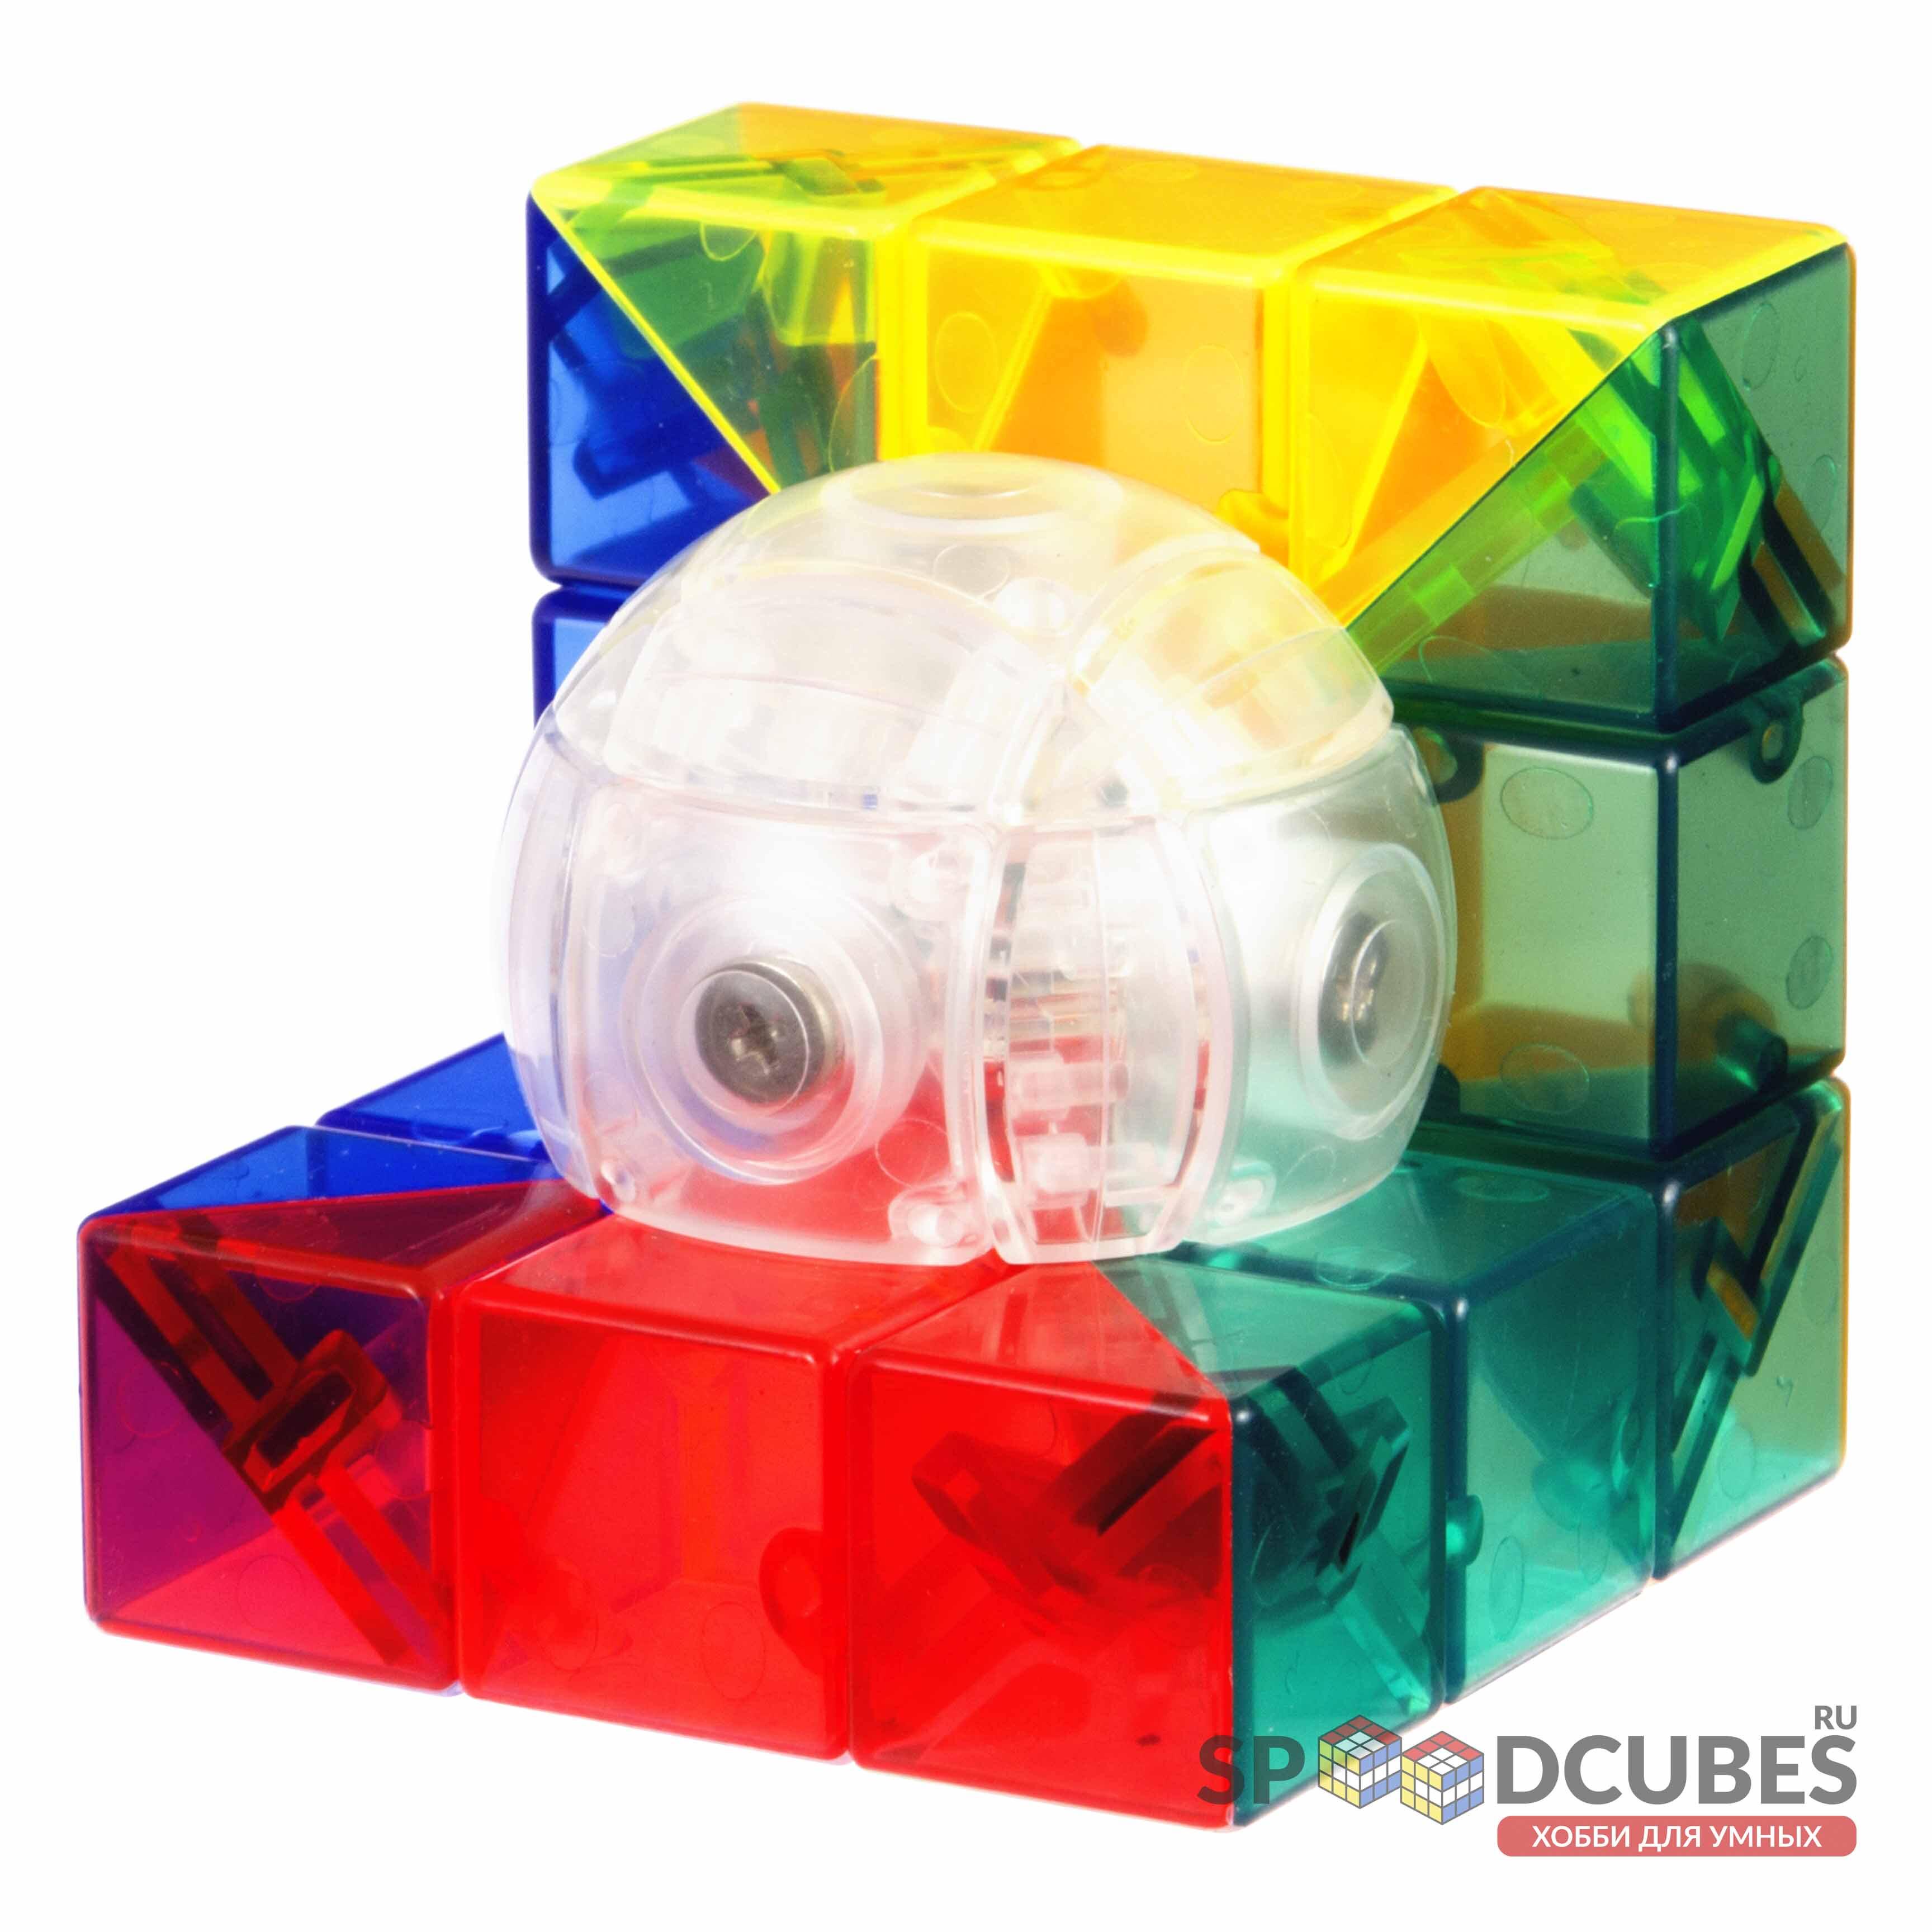 MoYu Cubing Classroom Geo Cube B